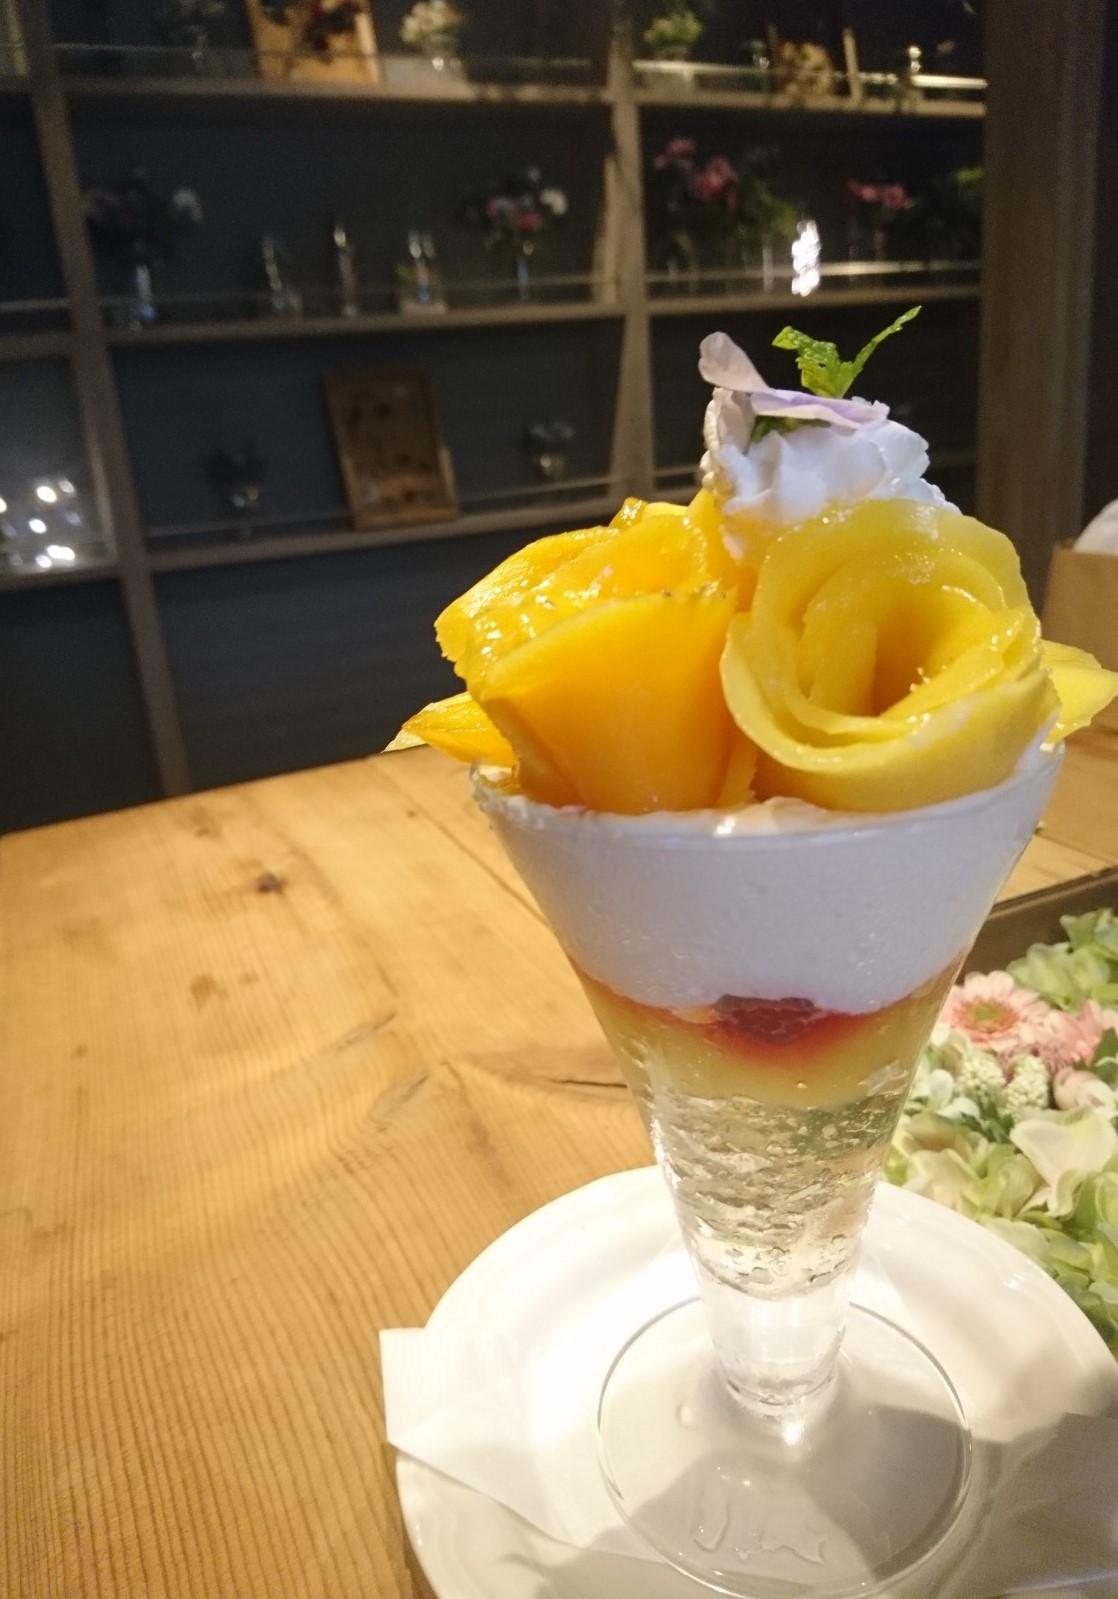 ≪大阪・梅田≫お酒とパフェが楽しめるおしゃれカフェ_1